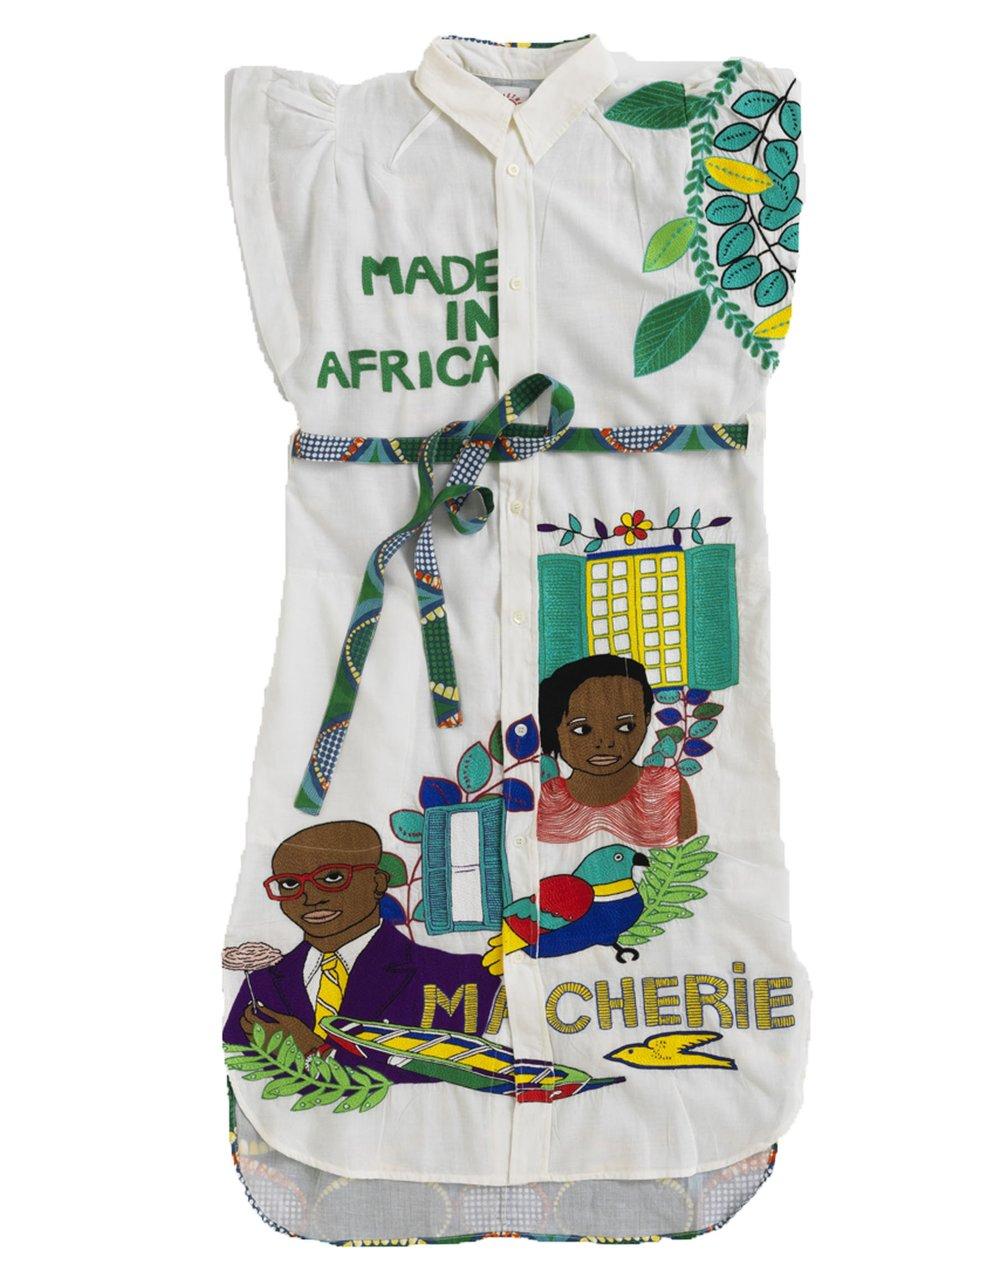 2018 S/S Collection Inspired Dress Shirt with Rue Saint-Joseph, Île de Gorée, Sénégal Design